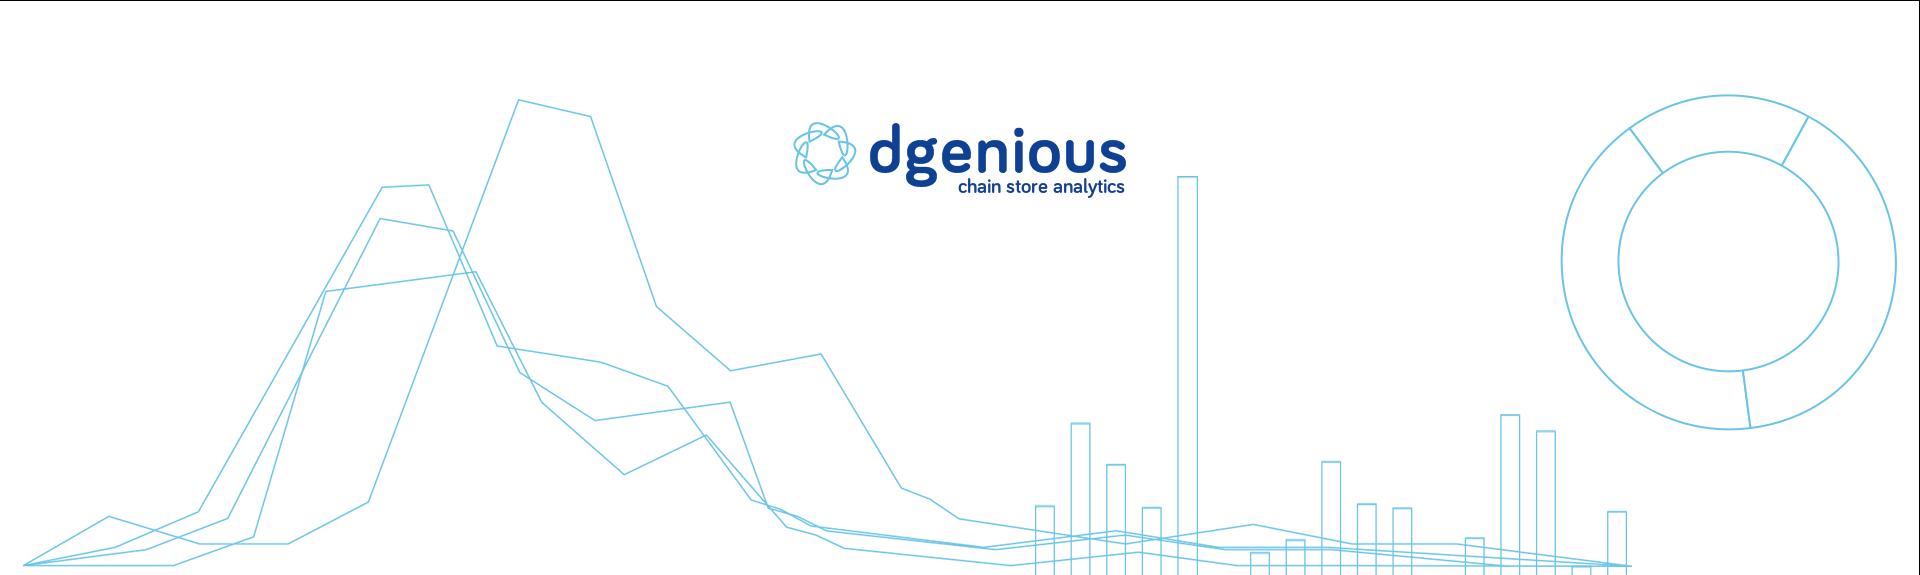 Dgenious, de dataspecialist voor winkel- en restaurantketens, haalt 1 miljoen € op om zijn groei in Europa te versnellen